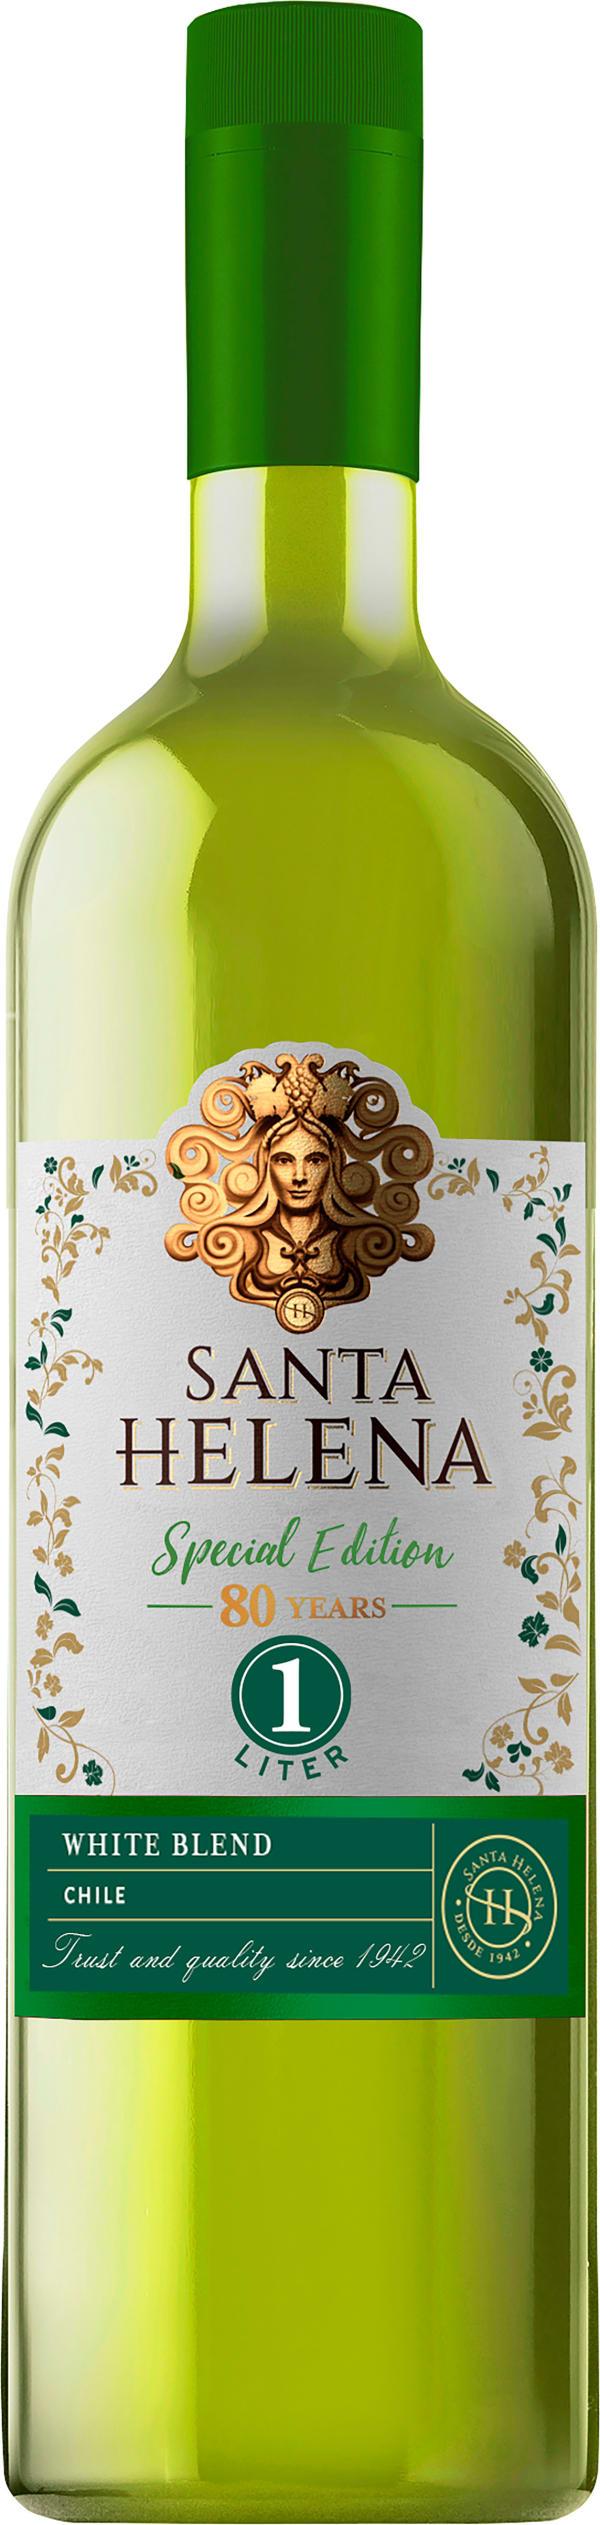 Santa Helena Varietal White Blend 2019 muovipullo